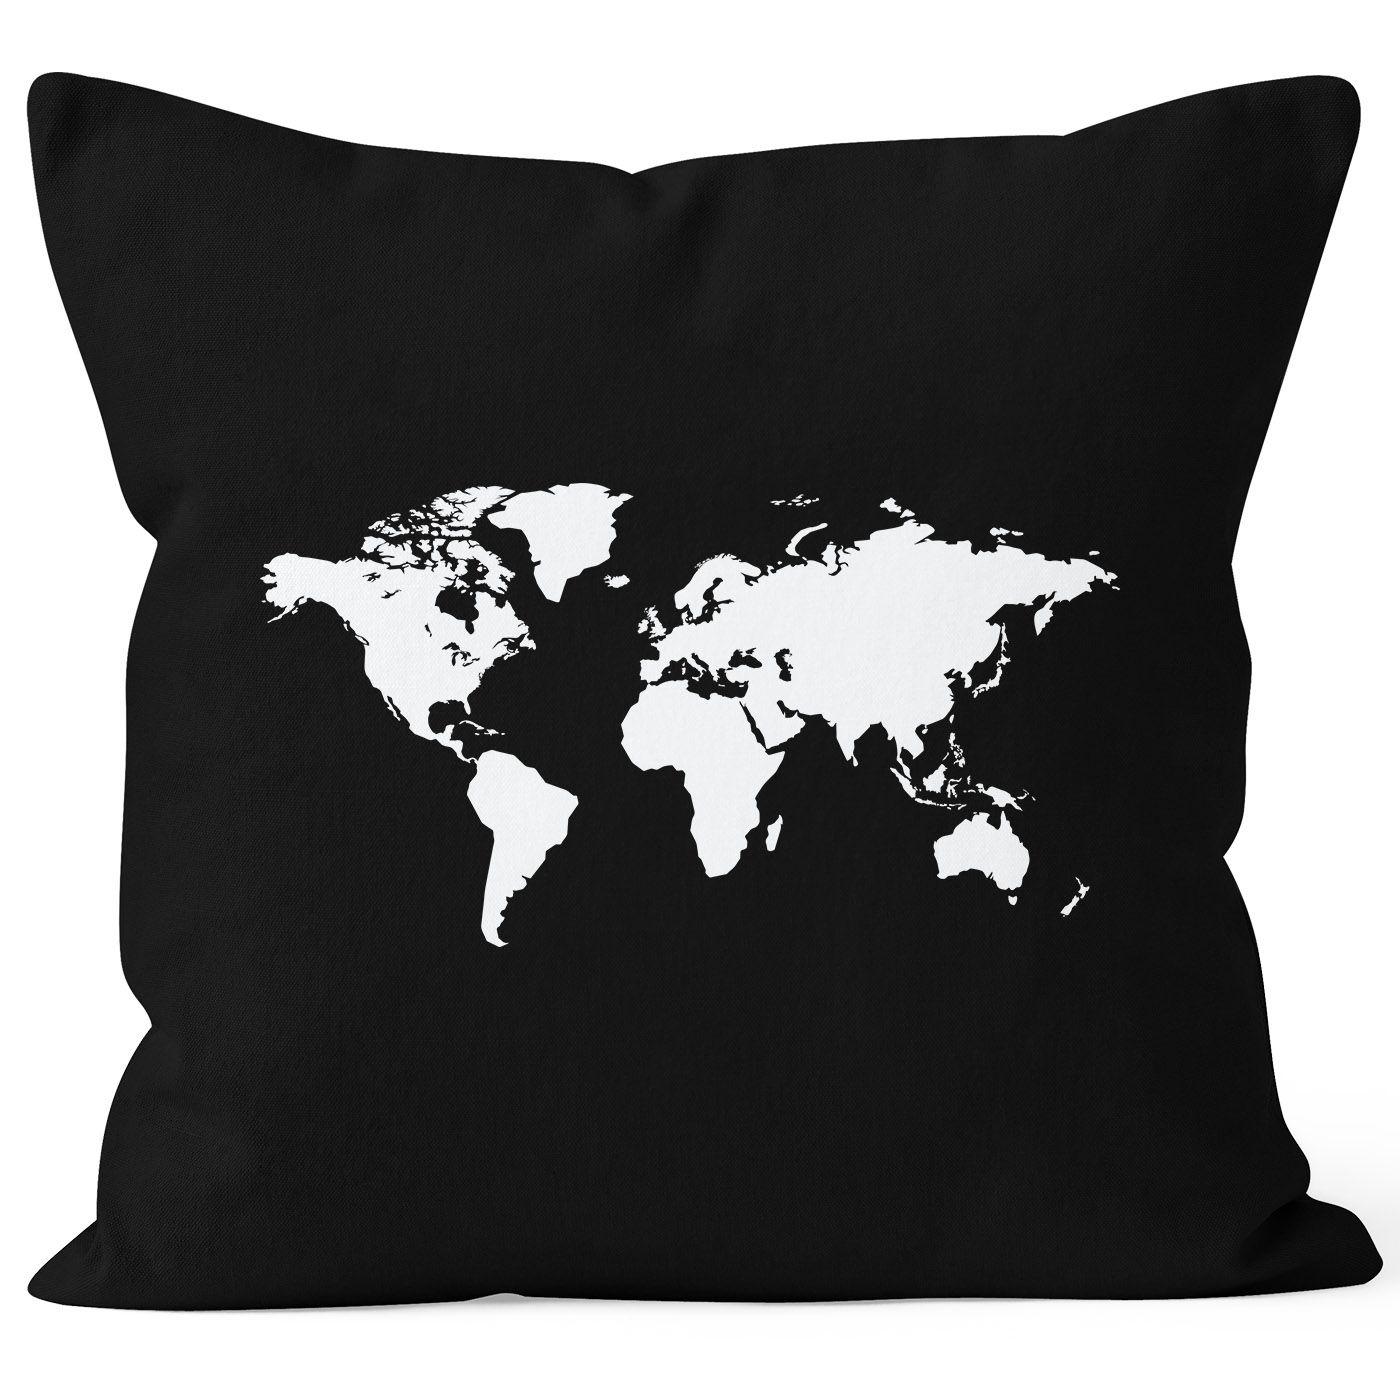 Bedruckter Kissenbezug 40x40 Weltkarte World Map Kissen Hulle